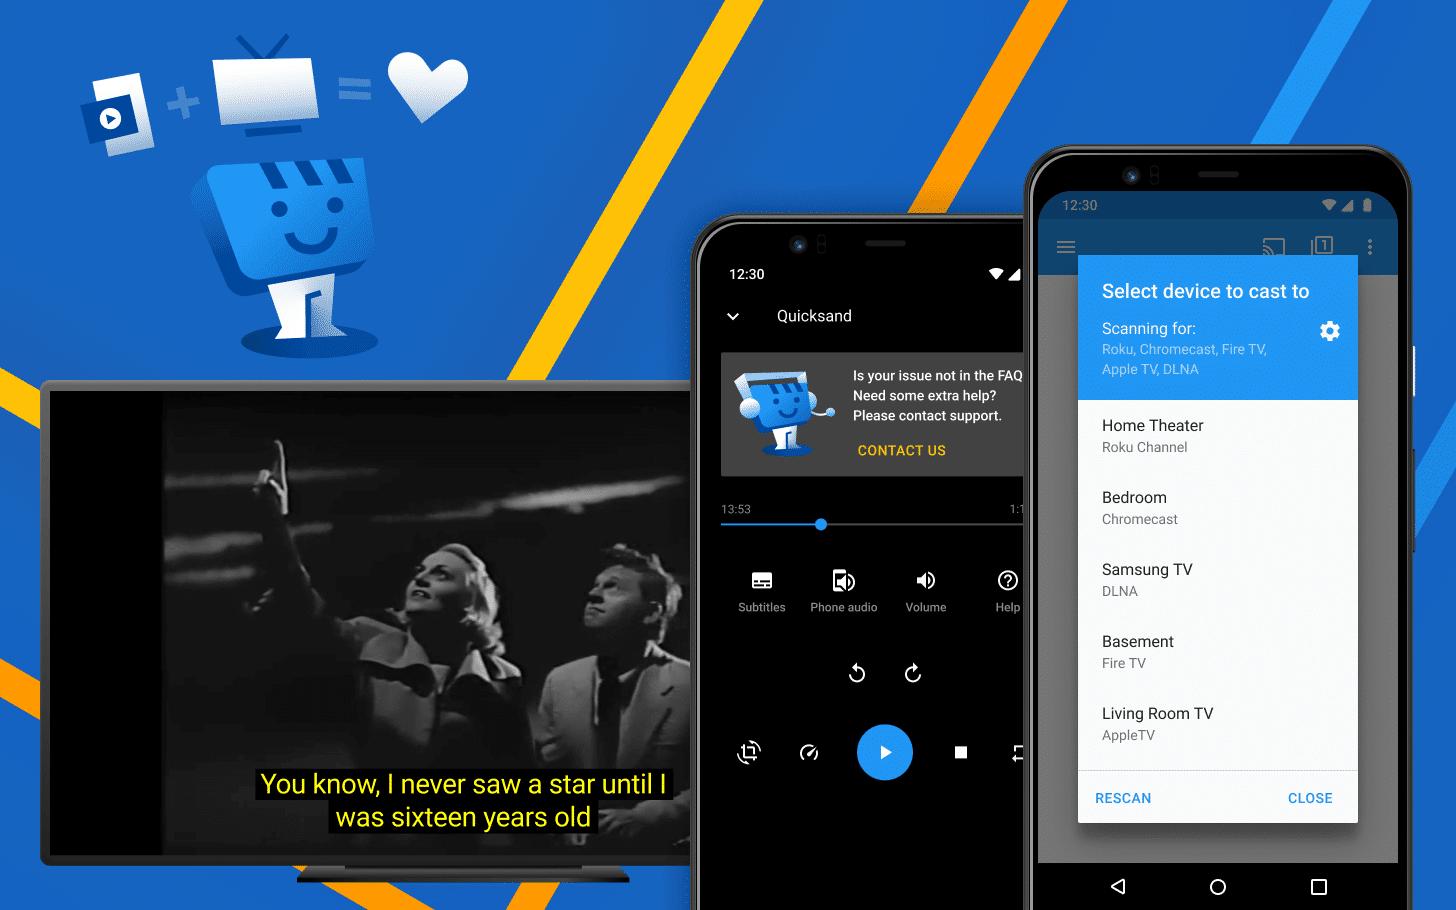 Mejores apps para ver películas en SmartTV desde Android